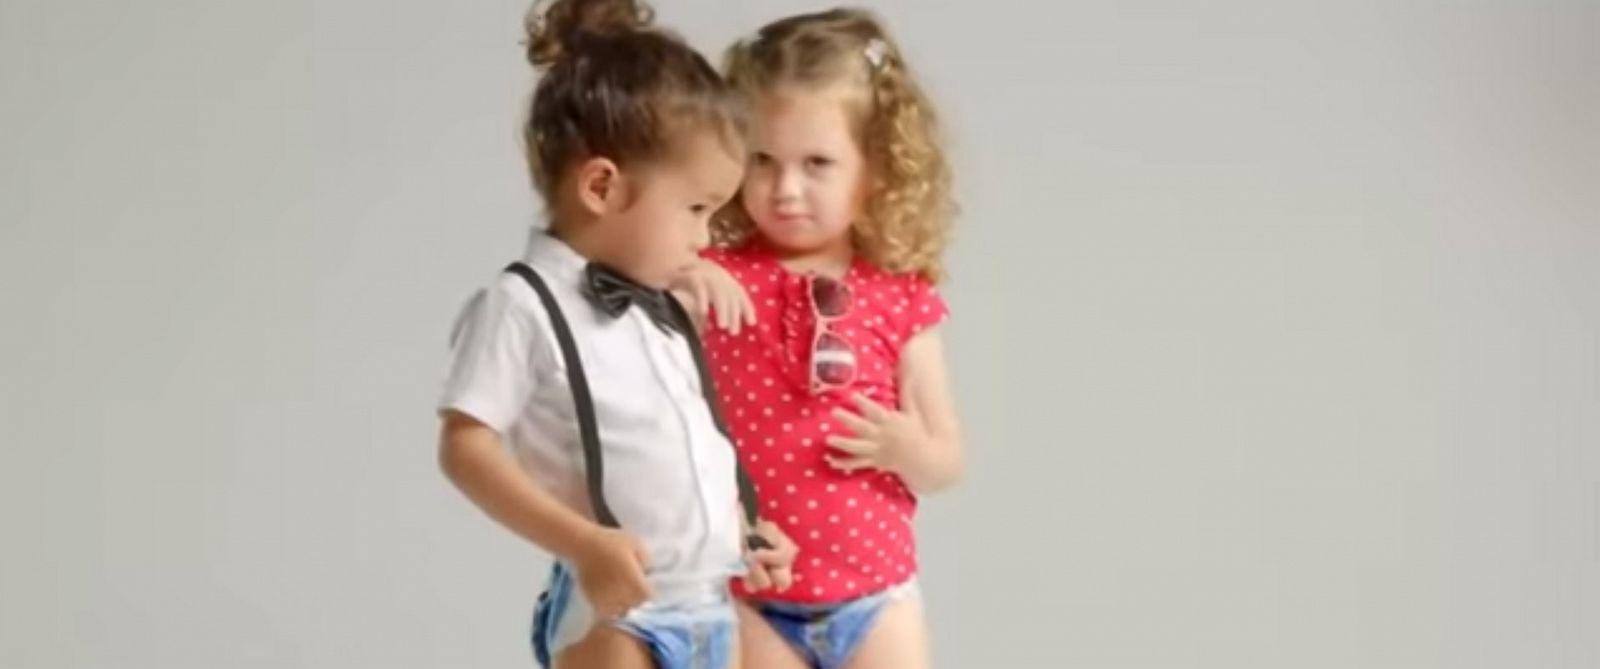 Порно с очень юными девочками видио фото 0 фотография